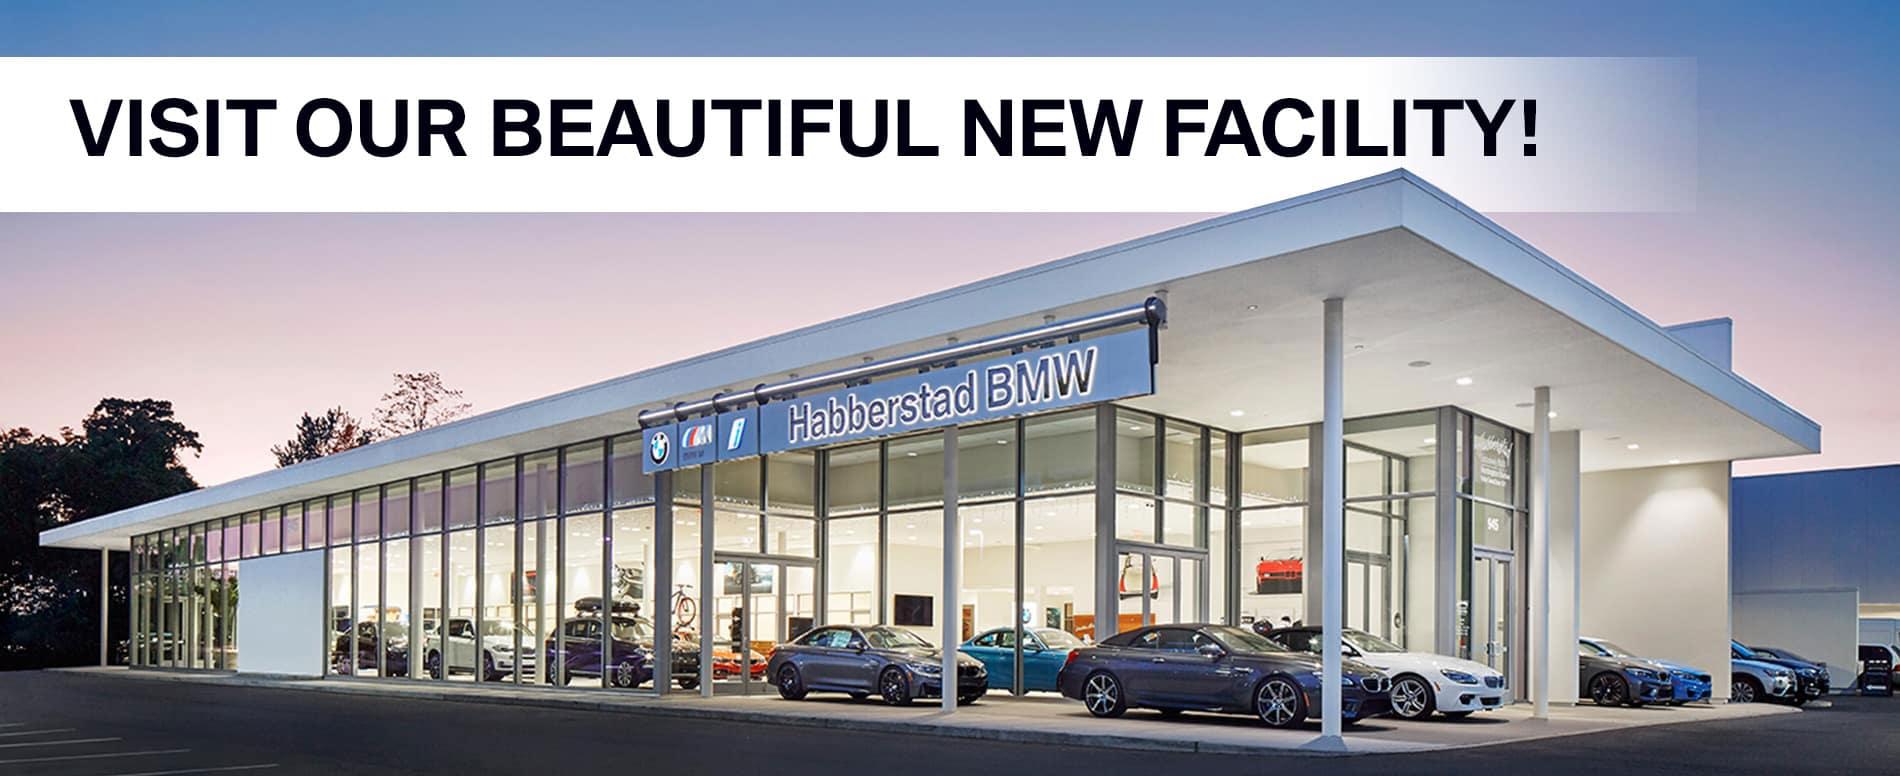 Huntington Car Dealerships Ny